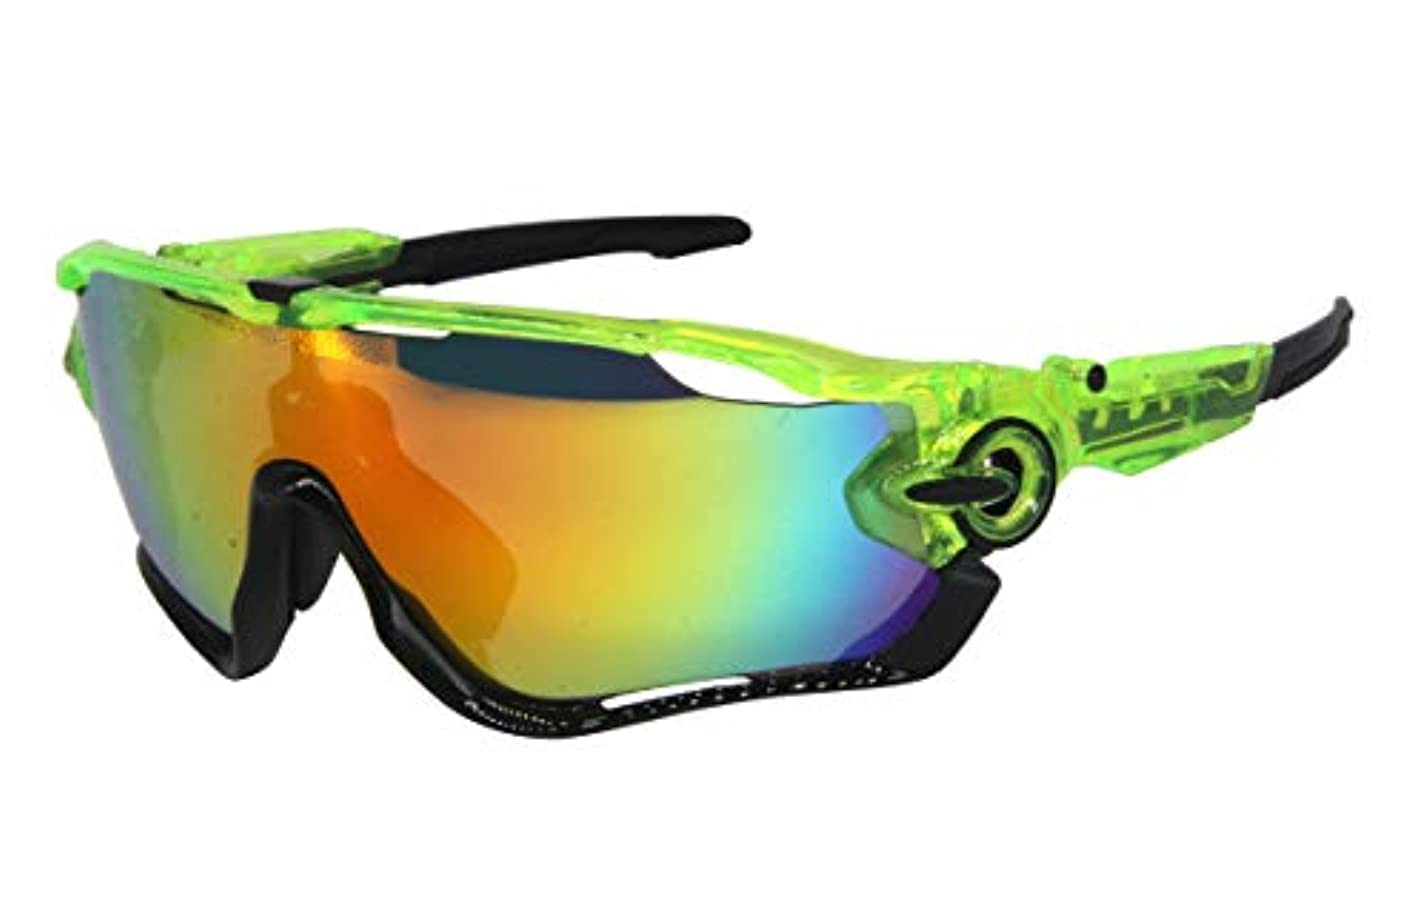 規則性収束するヒゲクジラAOKNES 偏光スポーツサイクリングメガネ ゴーグル メンズ レディース 交換レンズ3枚付き